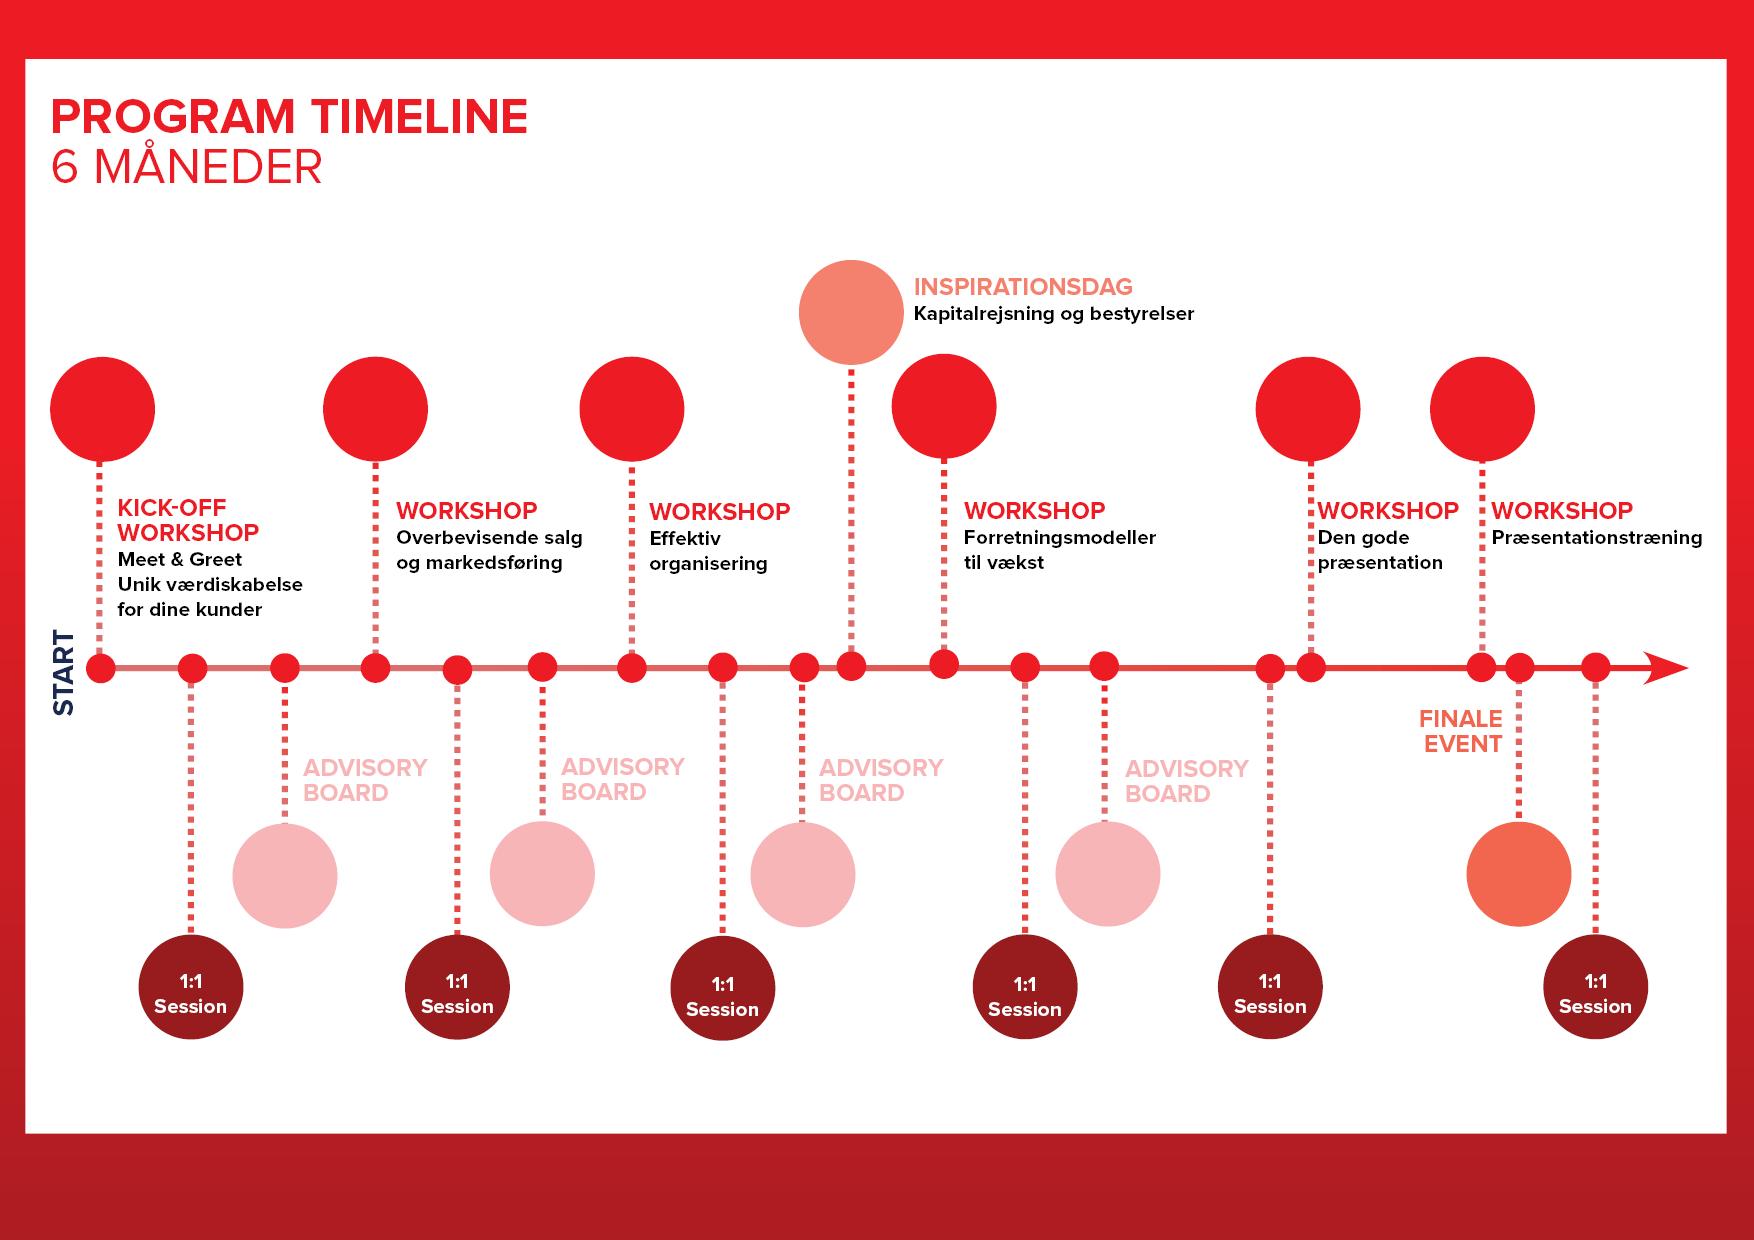 Next Step Challenge Forretningsudvikling er et forløb til ambitiøse vækstvirksomheder